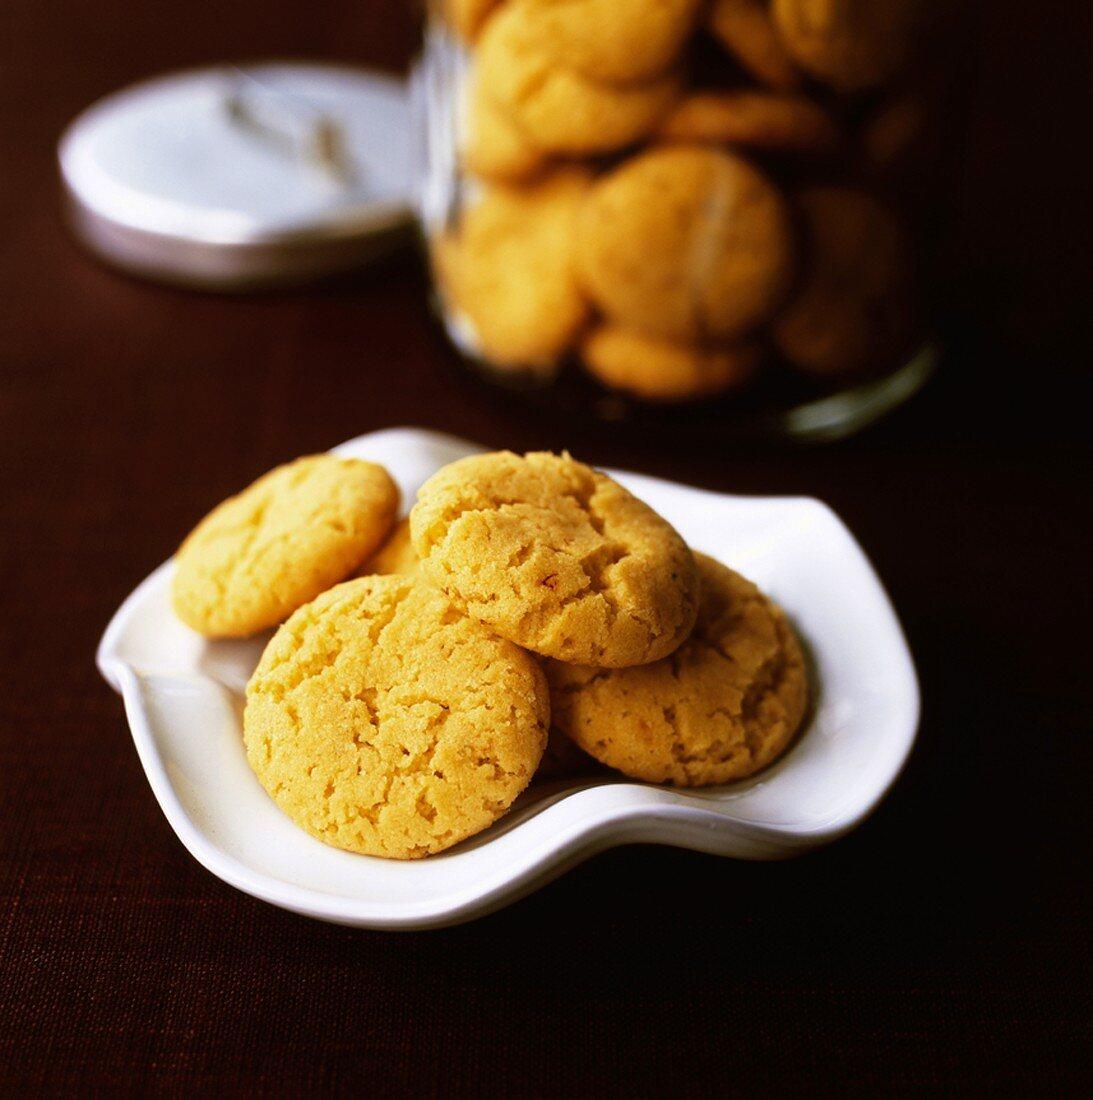 Swedish saffron biscuits